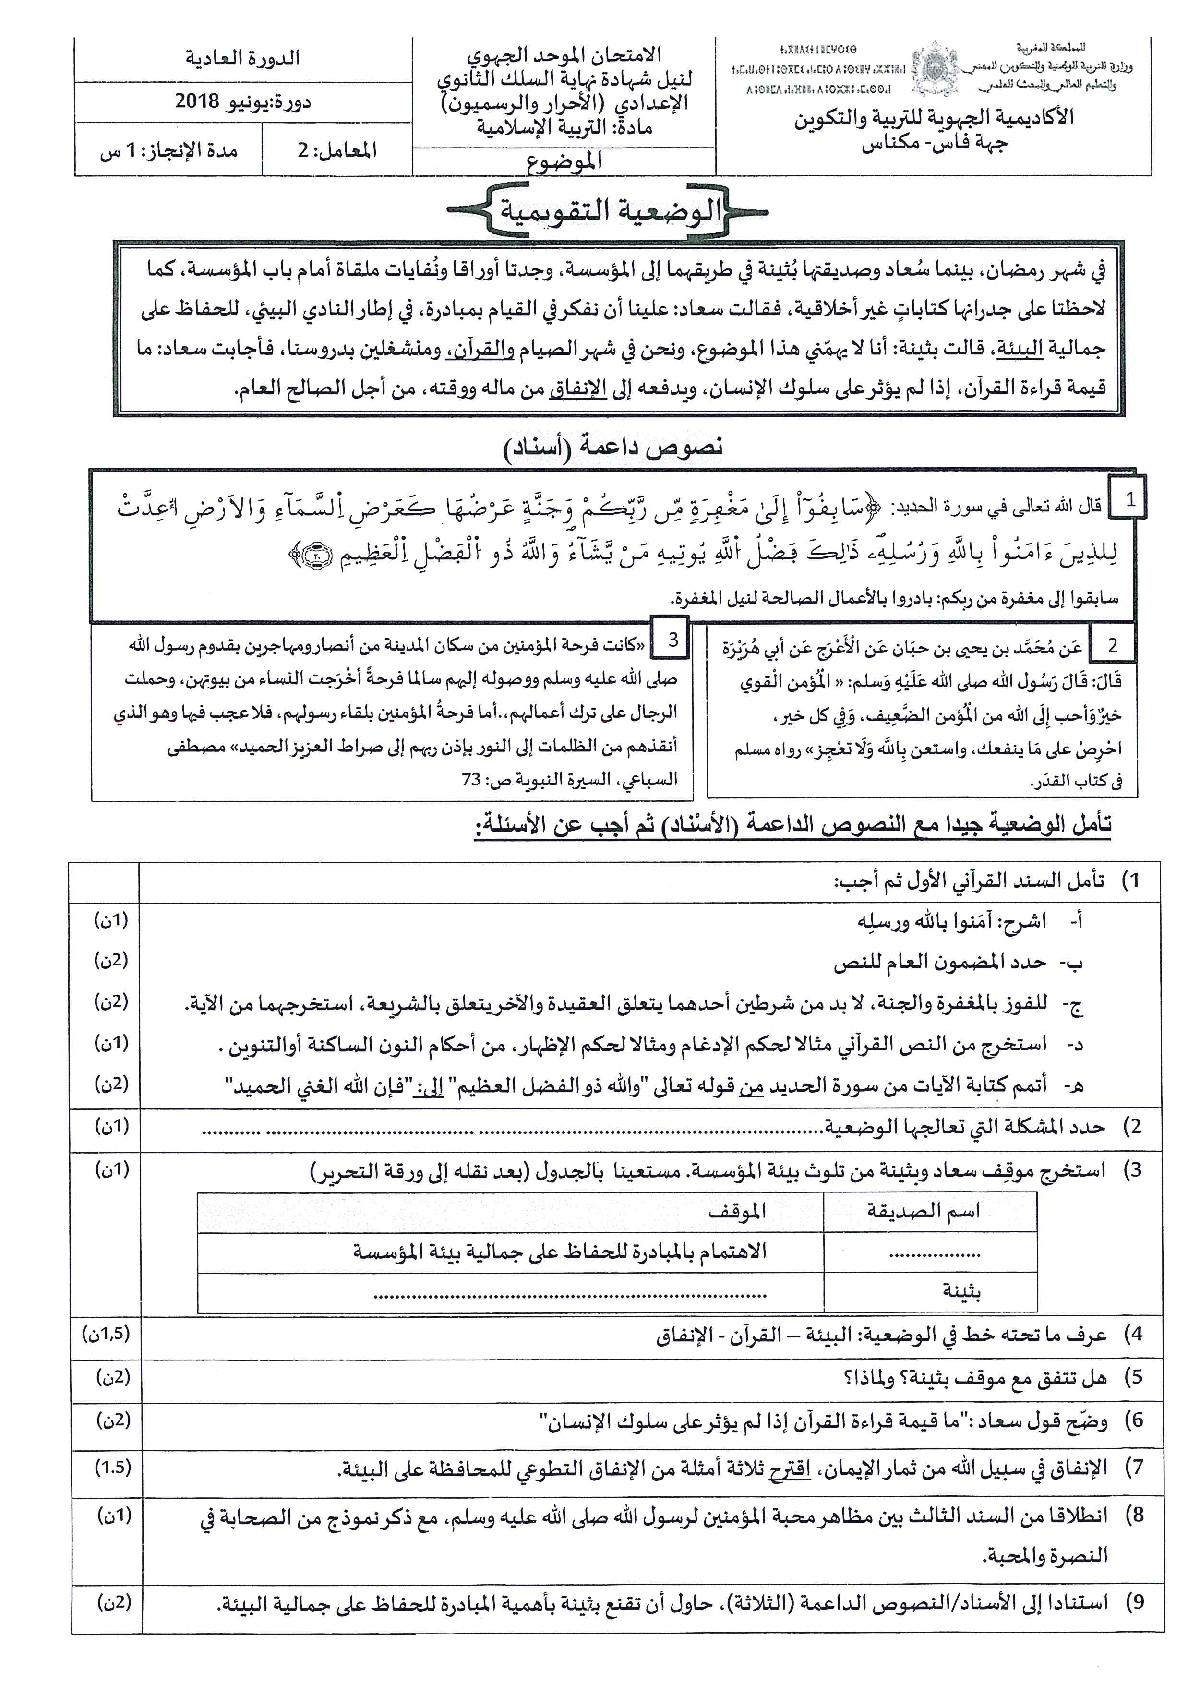 الامتحان الجهوي في التربية الإسلامية الثالثة اعدادي 2018